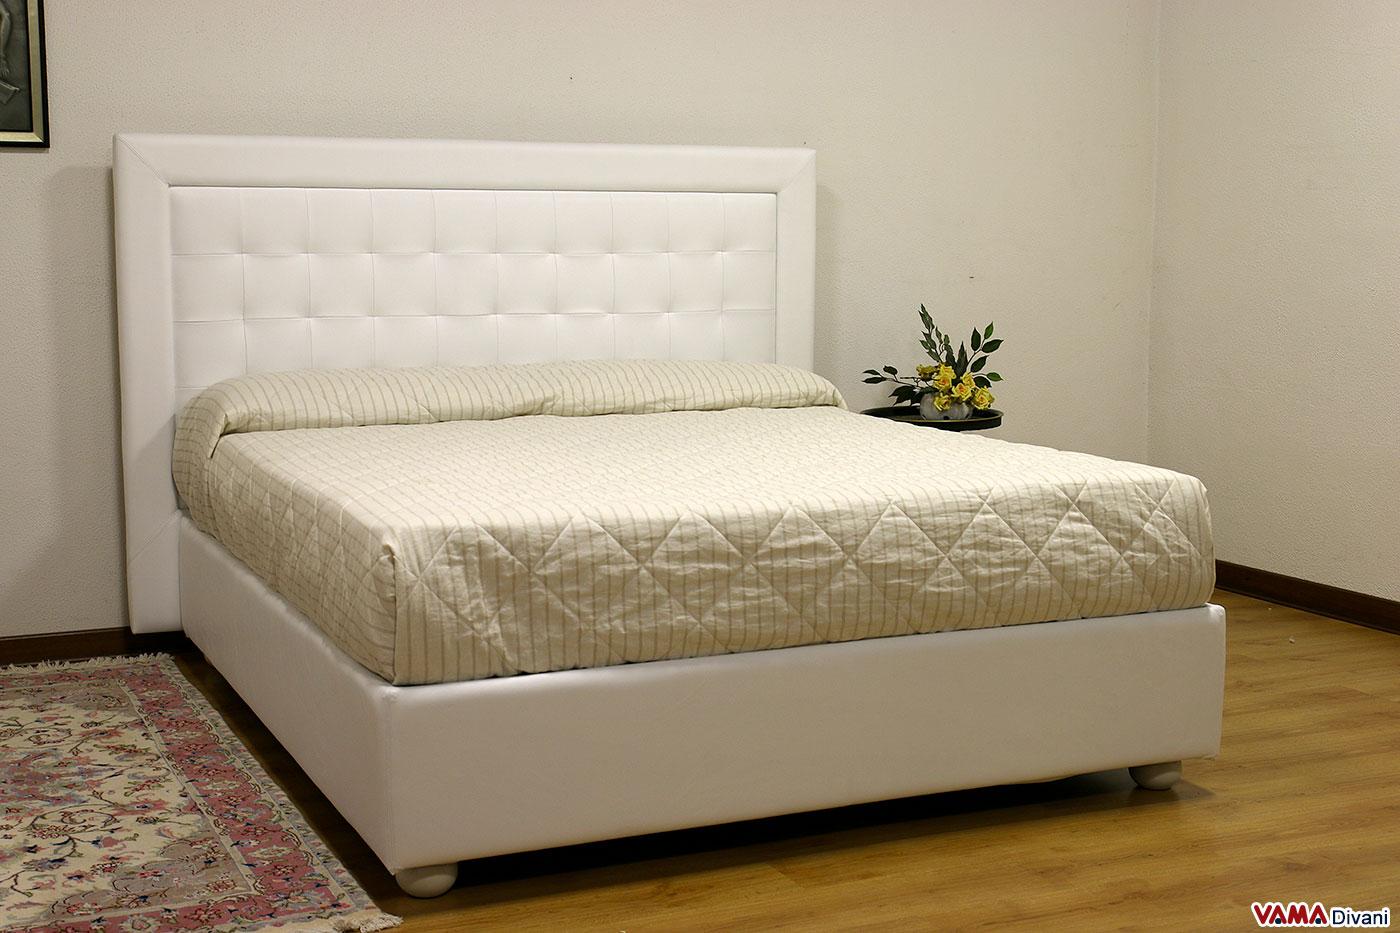 Vama divani blog luisa un nuovo letto entra nei - Letto contenitore senza testiera ...